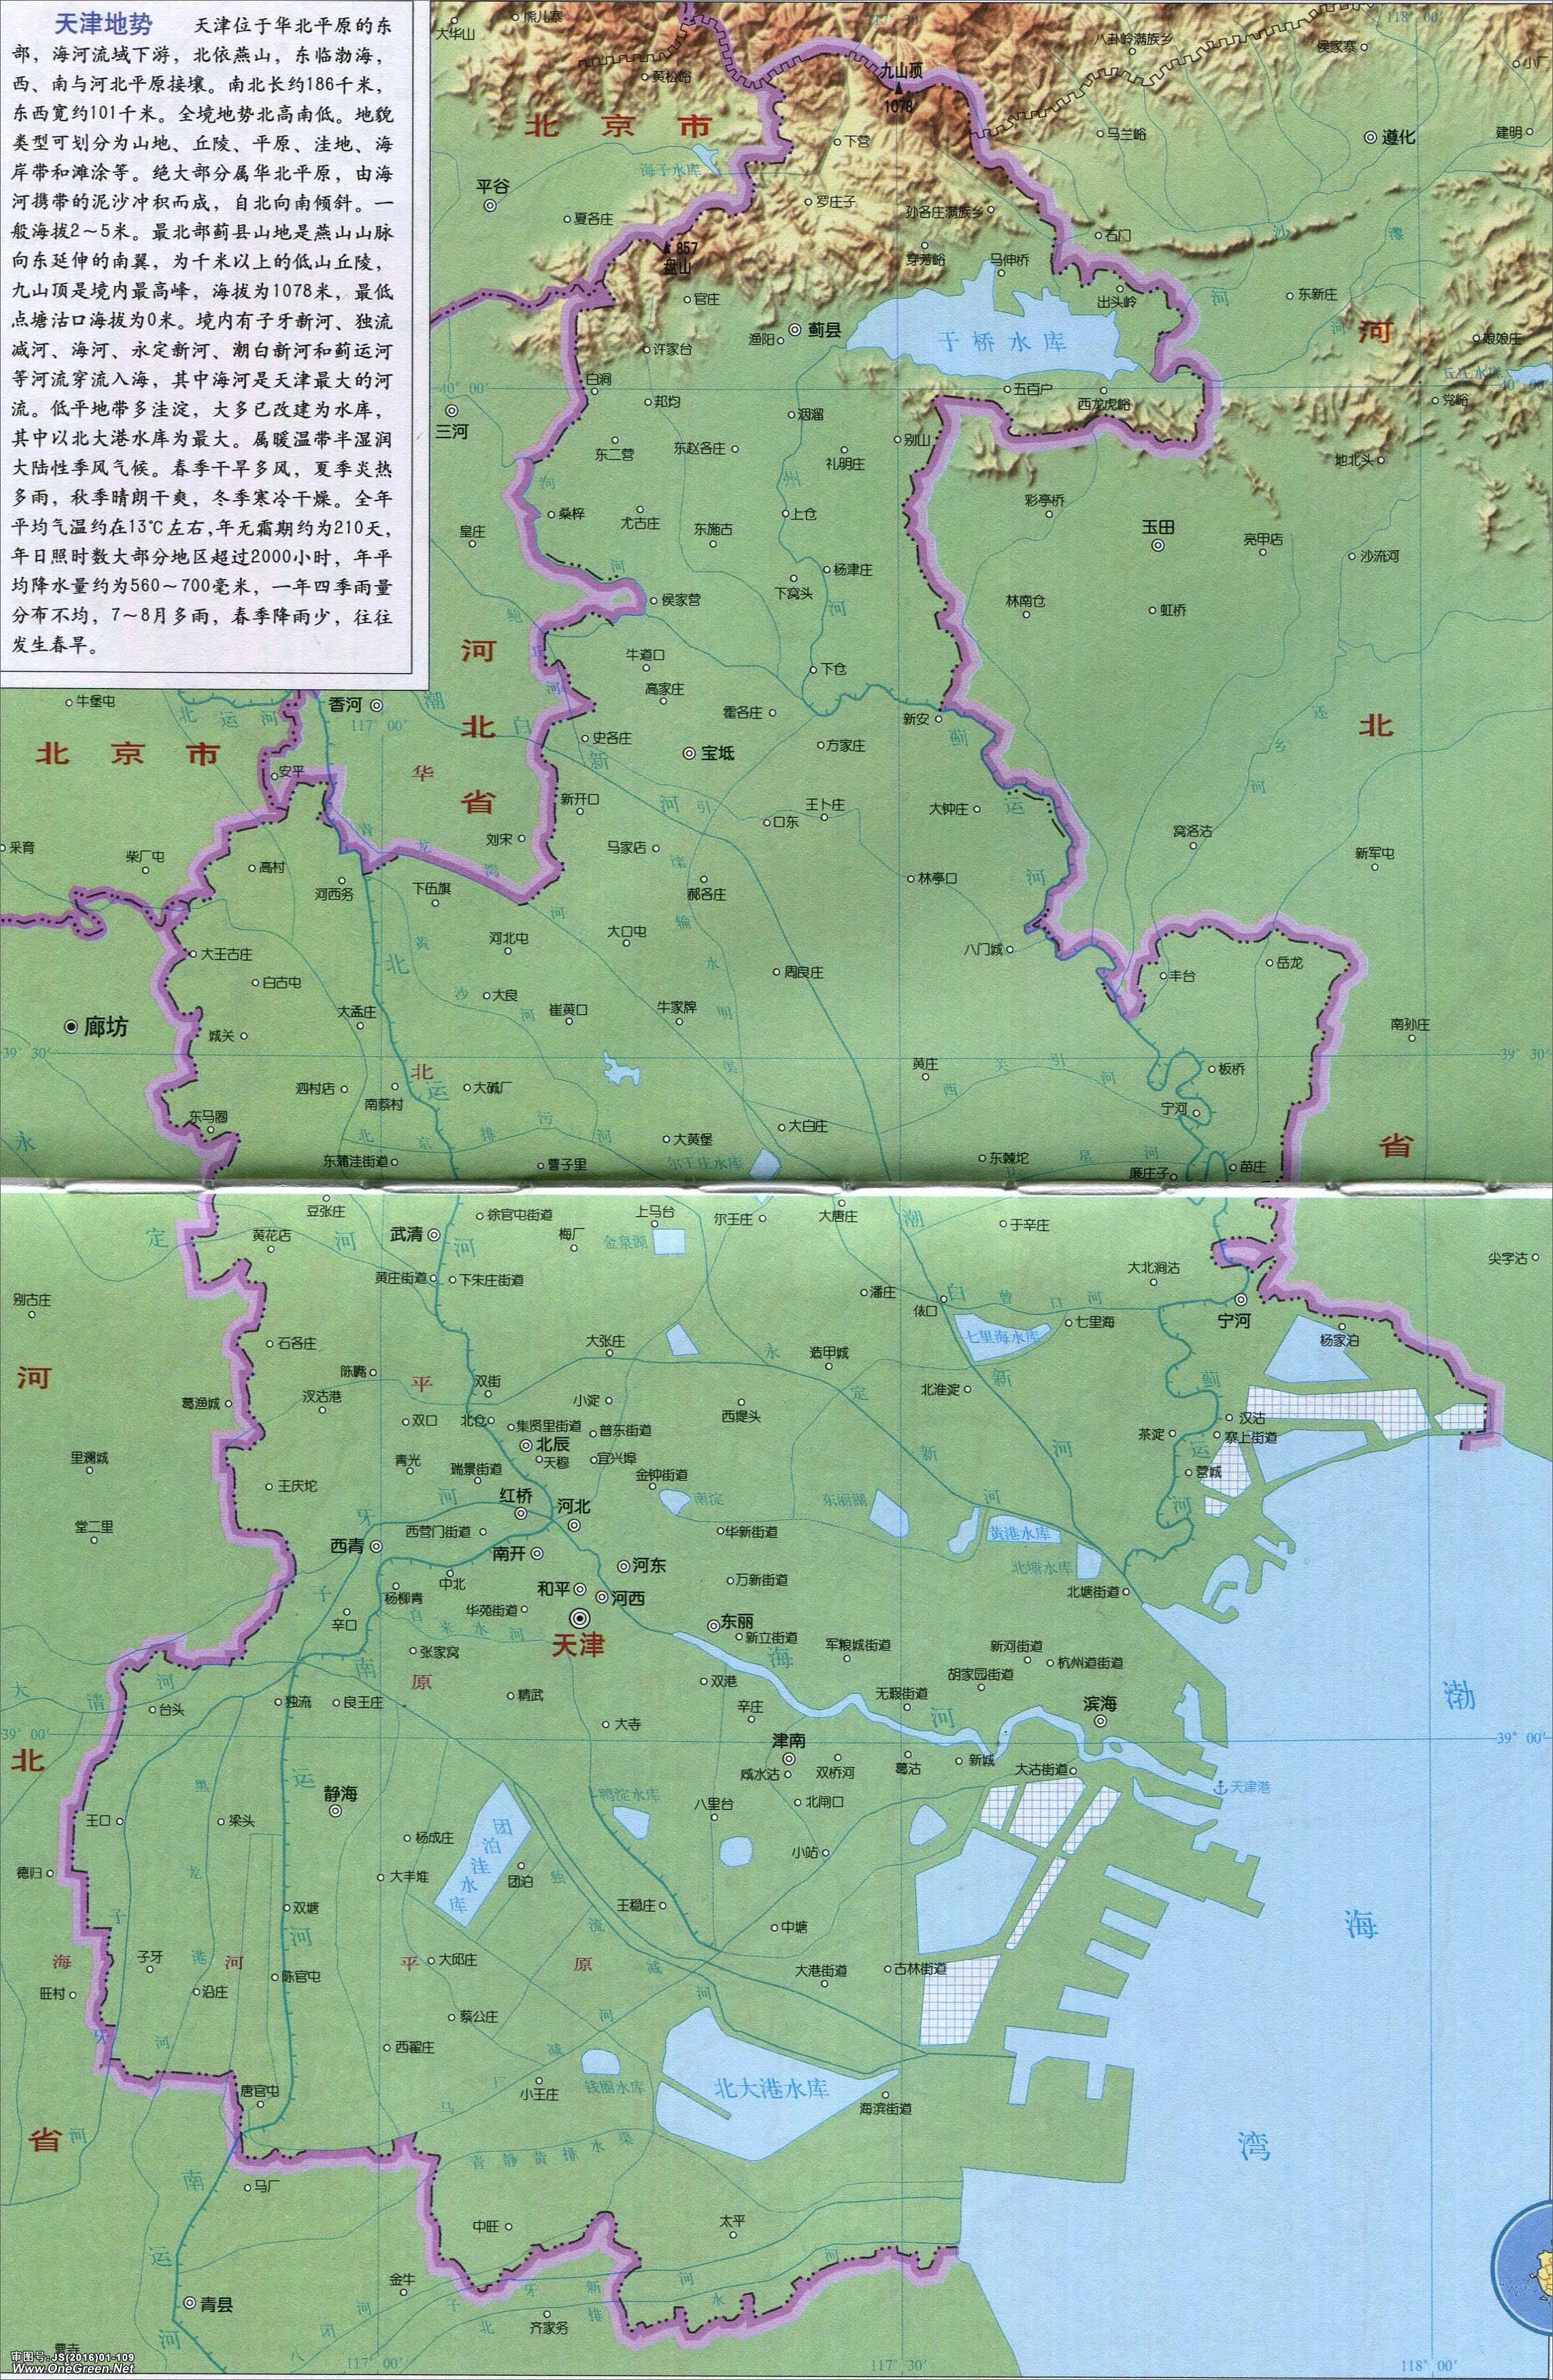 贵州省政区图_天津市地势图_天津地图库_地图窝